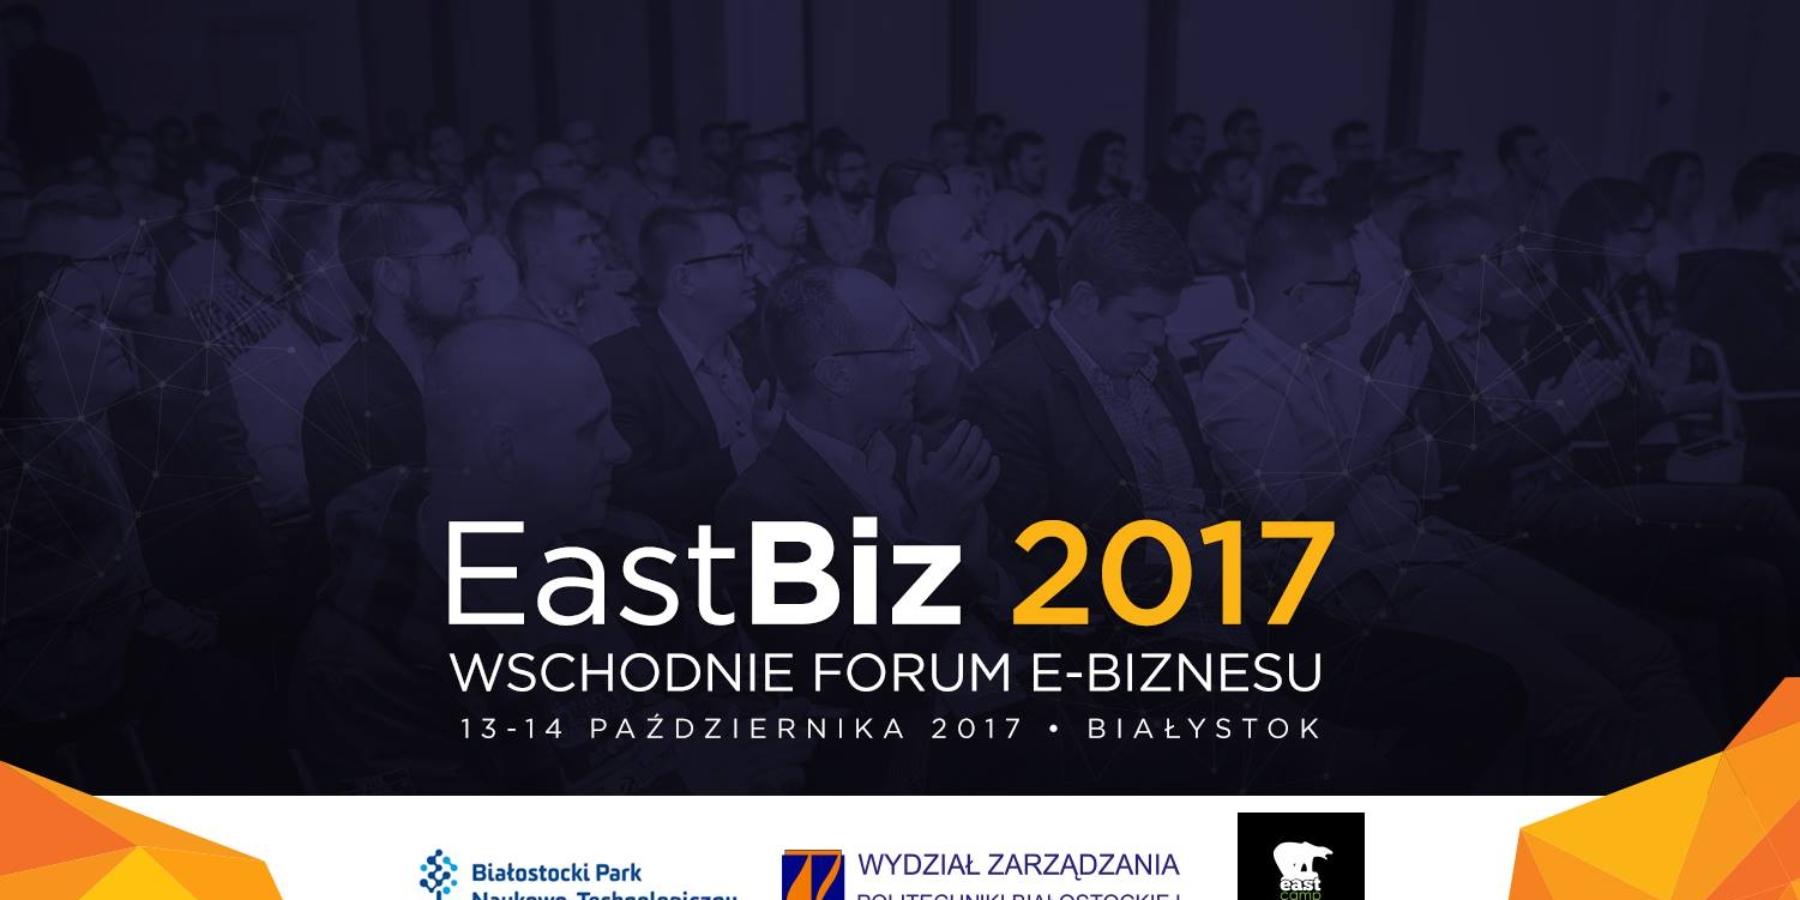 E-biznes nigdy nieśpi. Nieprześpij EastBiz!